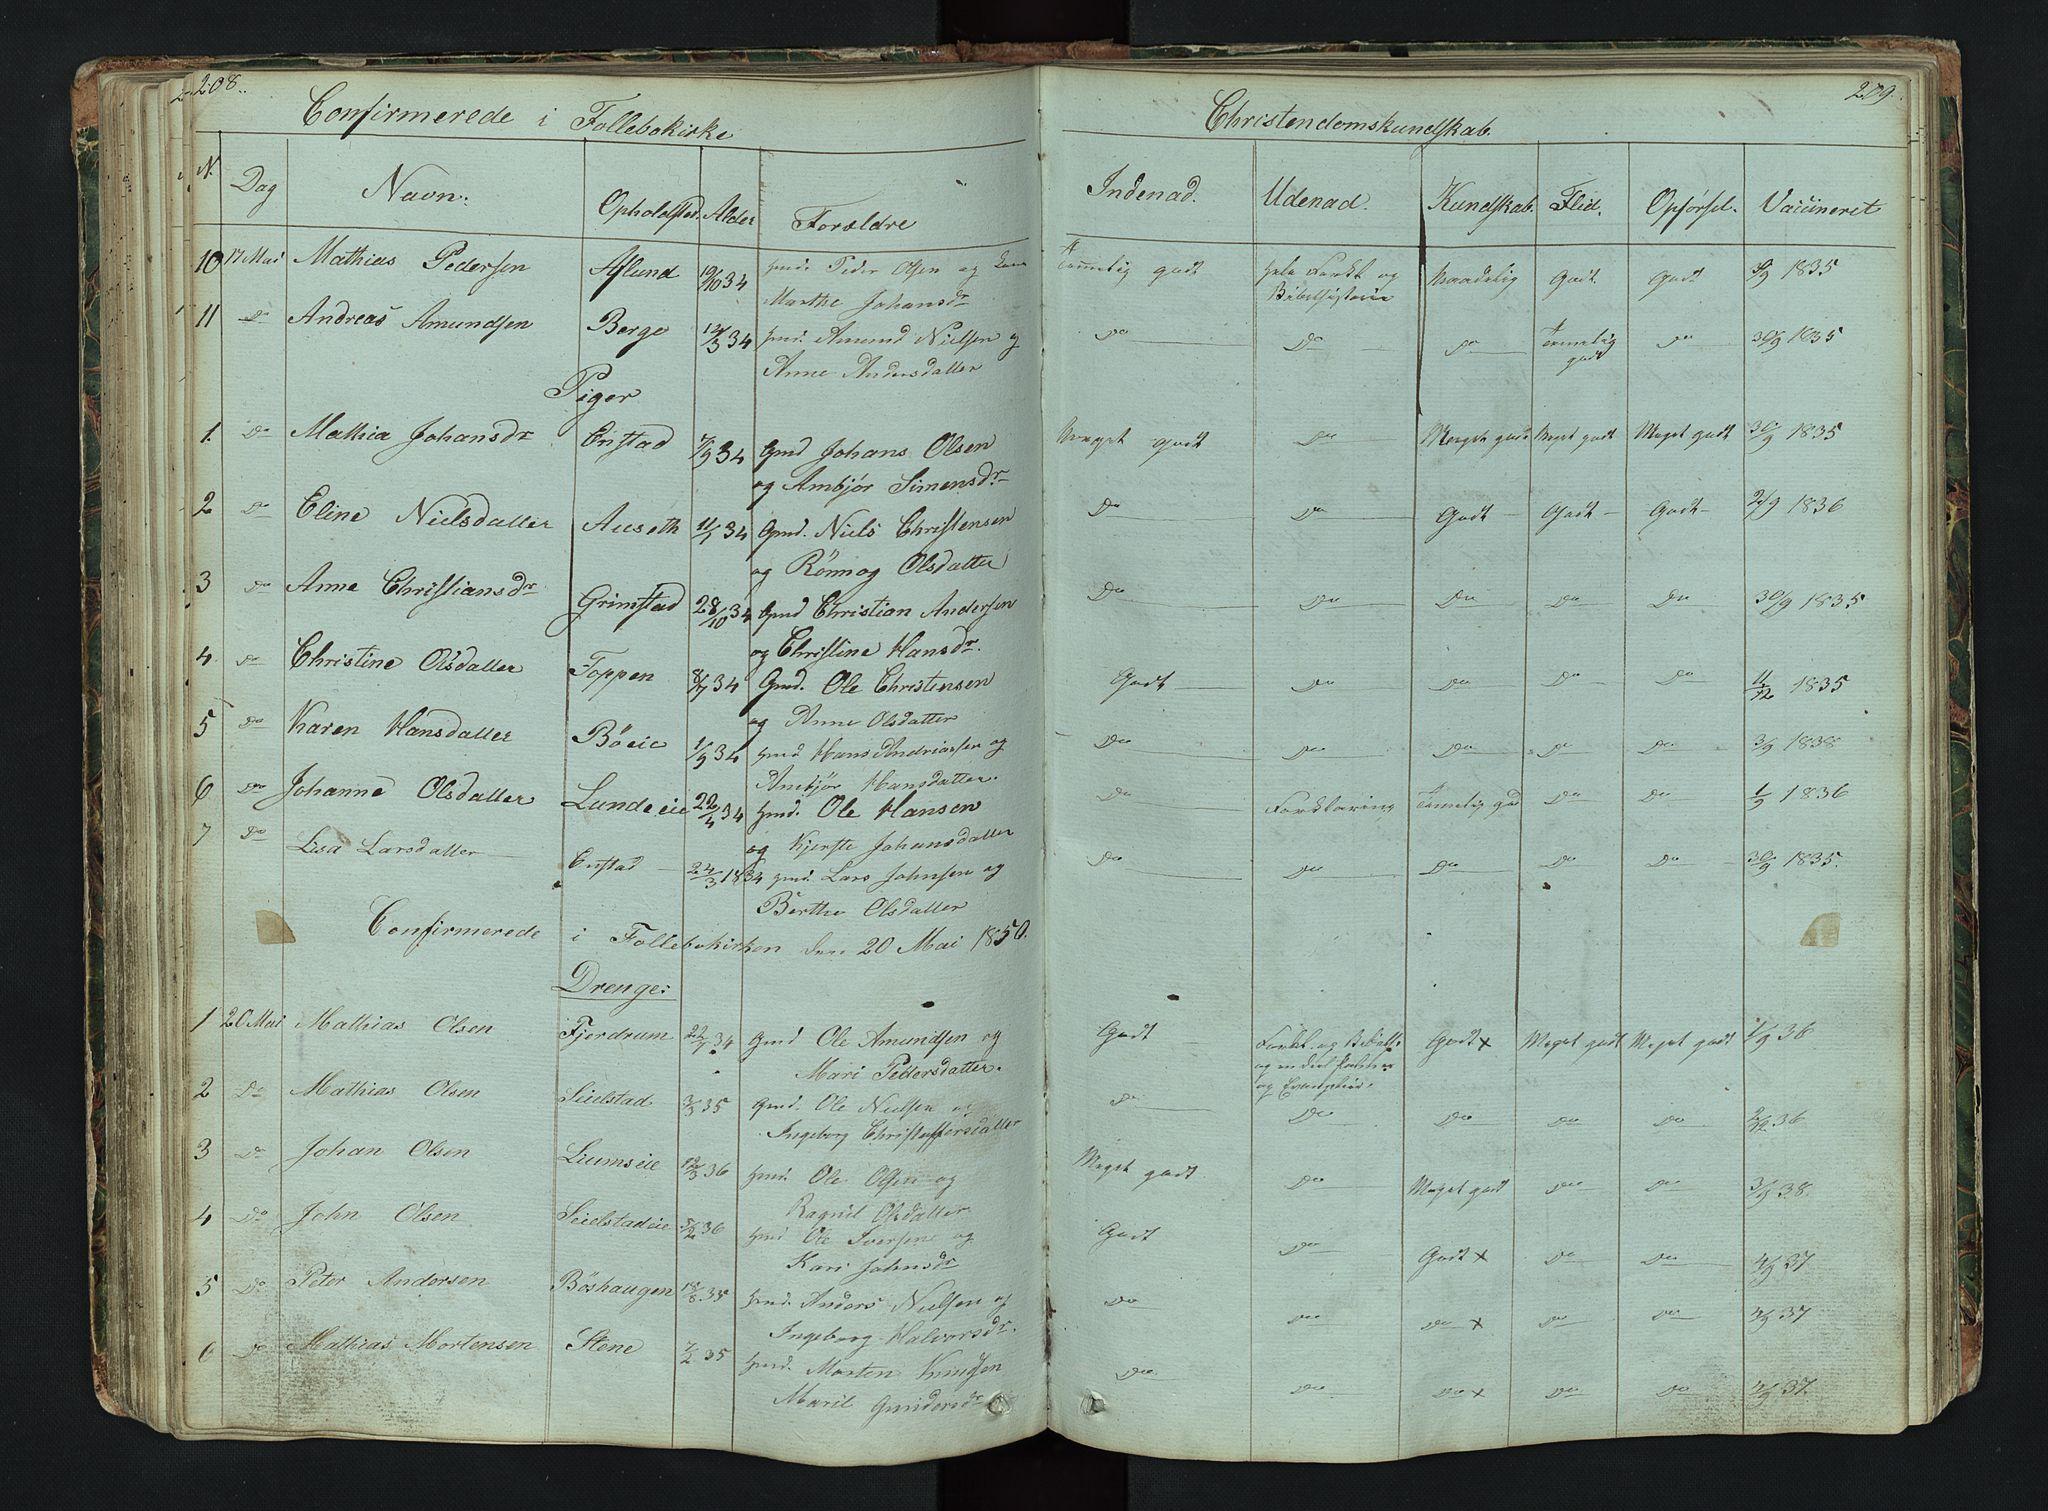 SAH, Gausdal prestekontor, Klokkerbok nr. 6, 1846-1893, s. 208-209